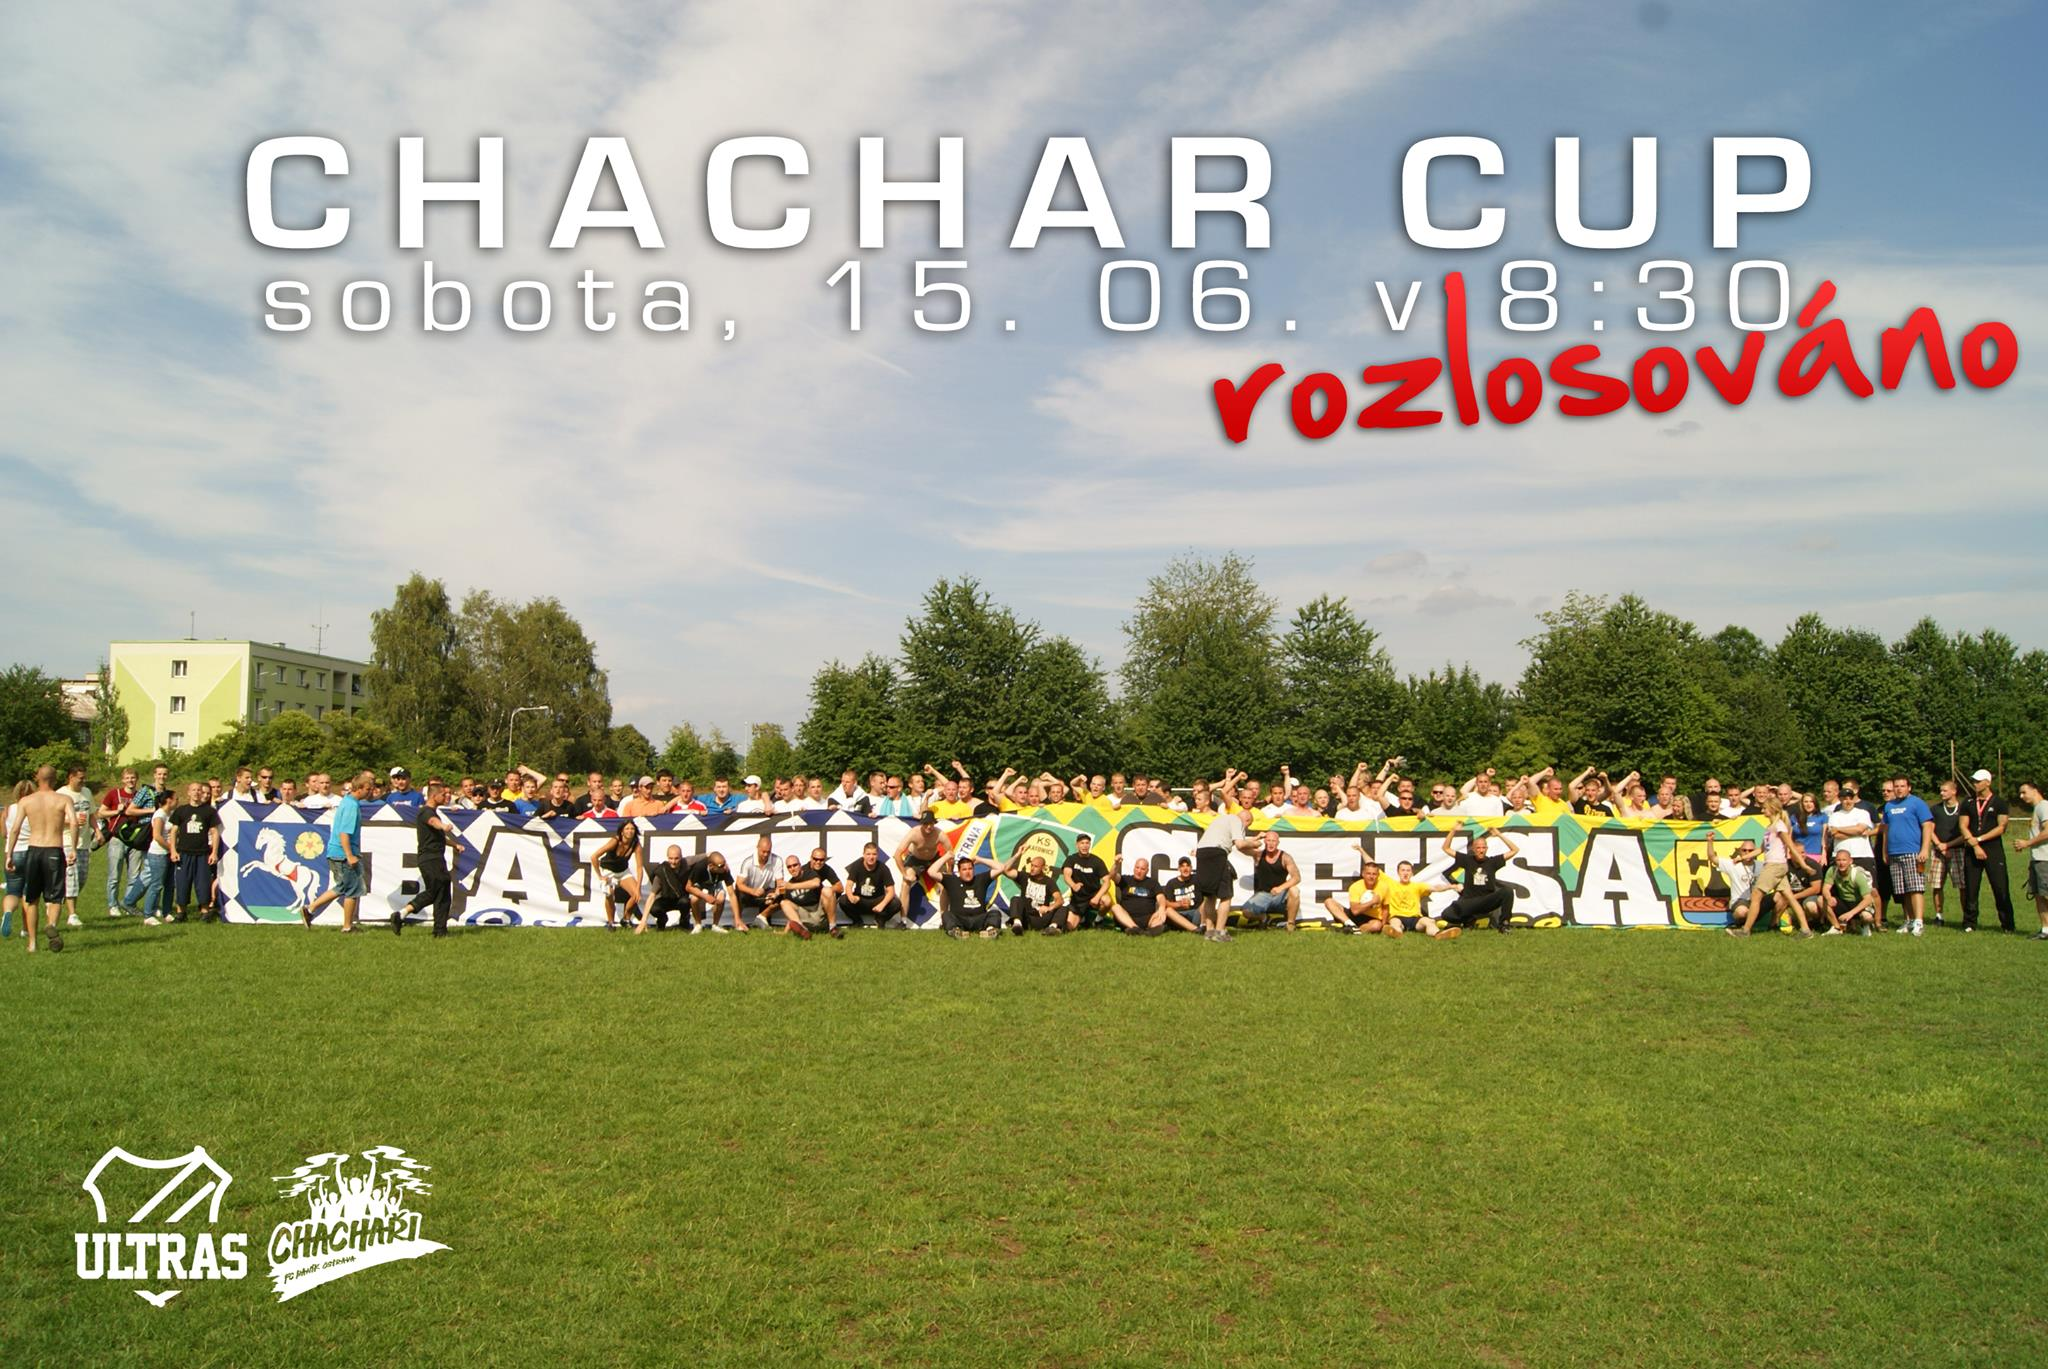 ch_cup_2013_los.jpg (389 KB)